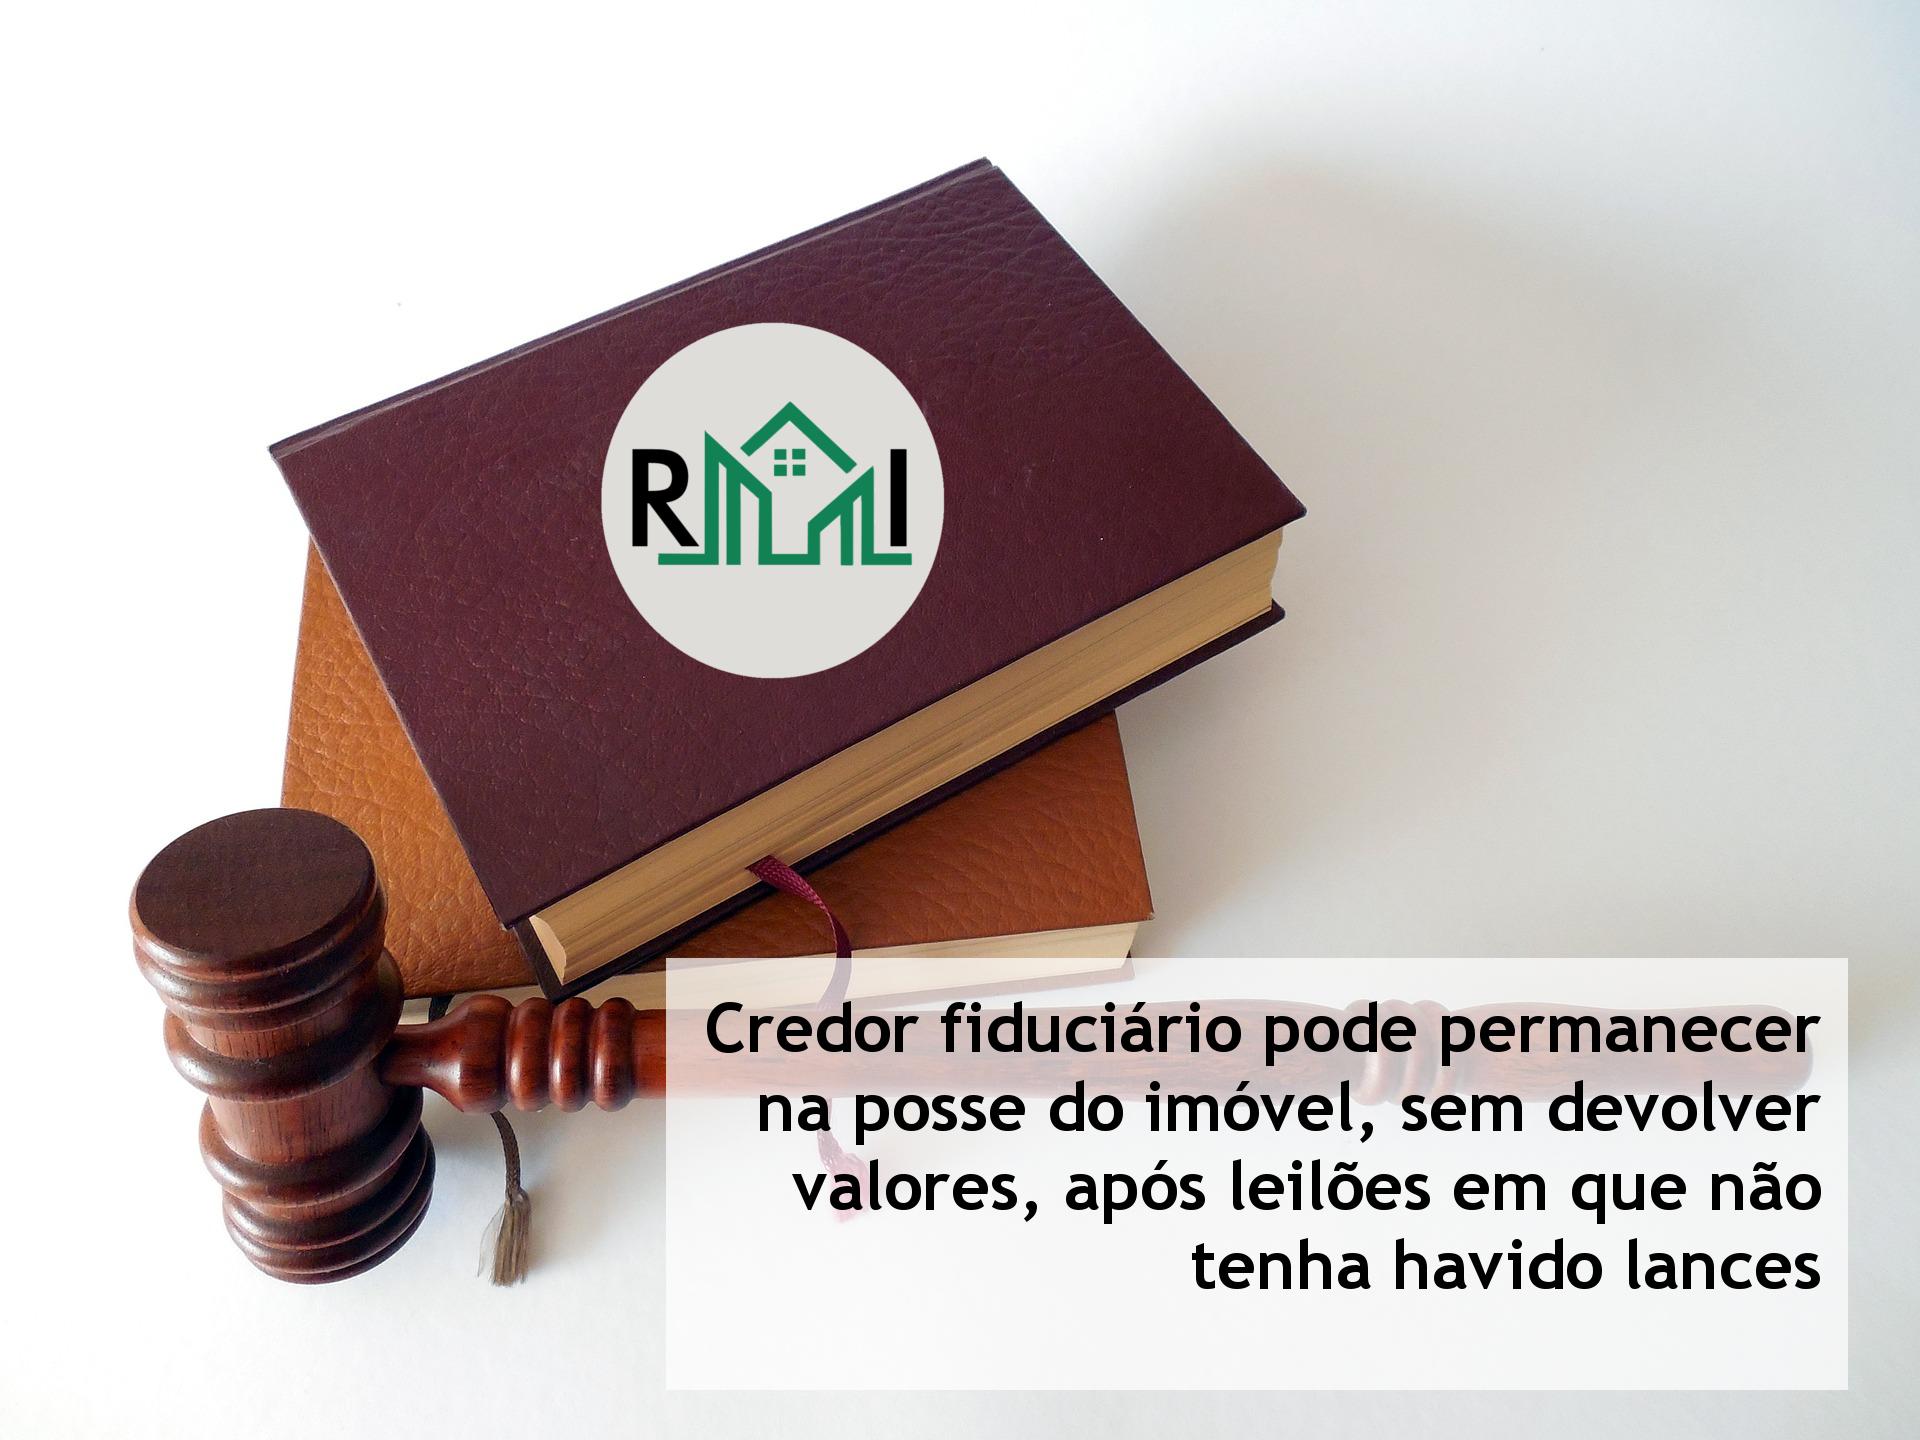 fff4313456f Credor fiduciário pode permanecer na posse do imóvel